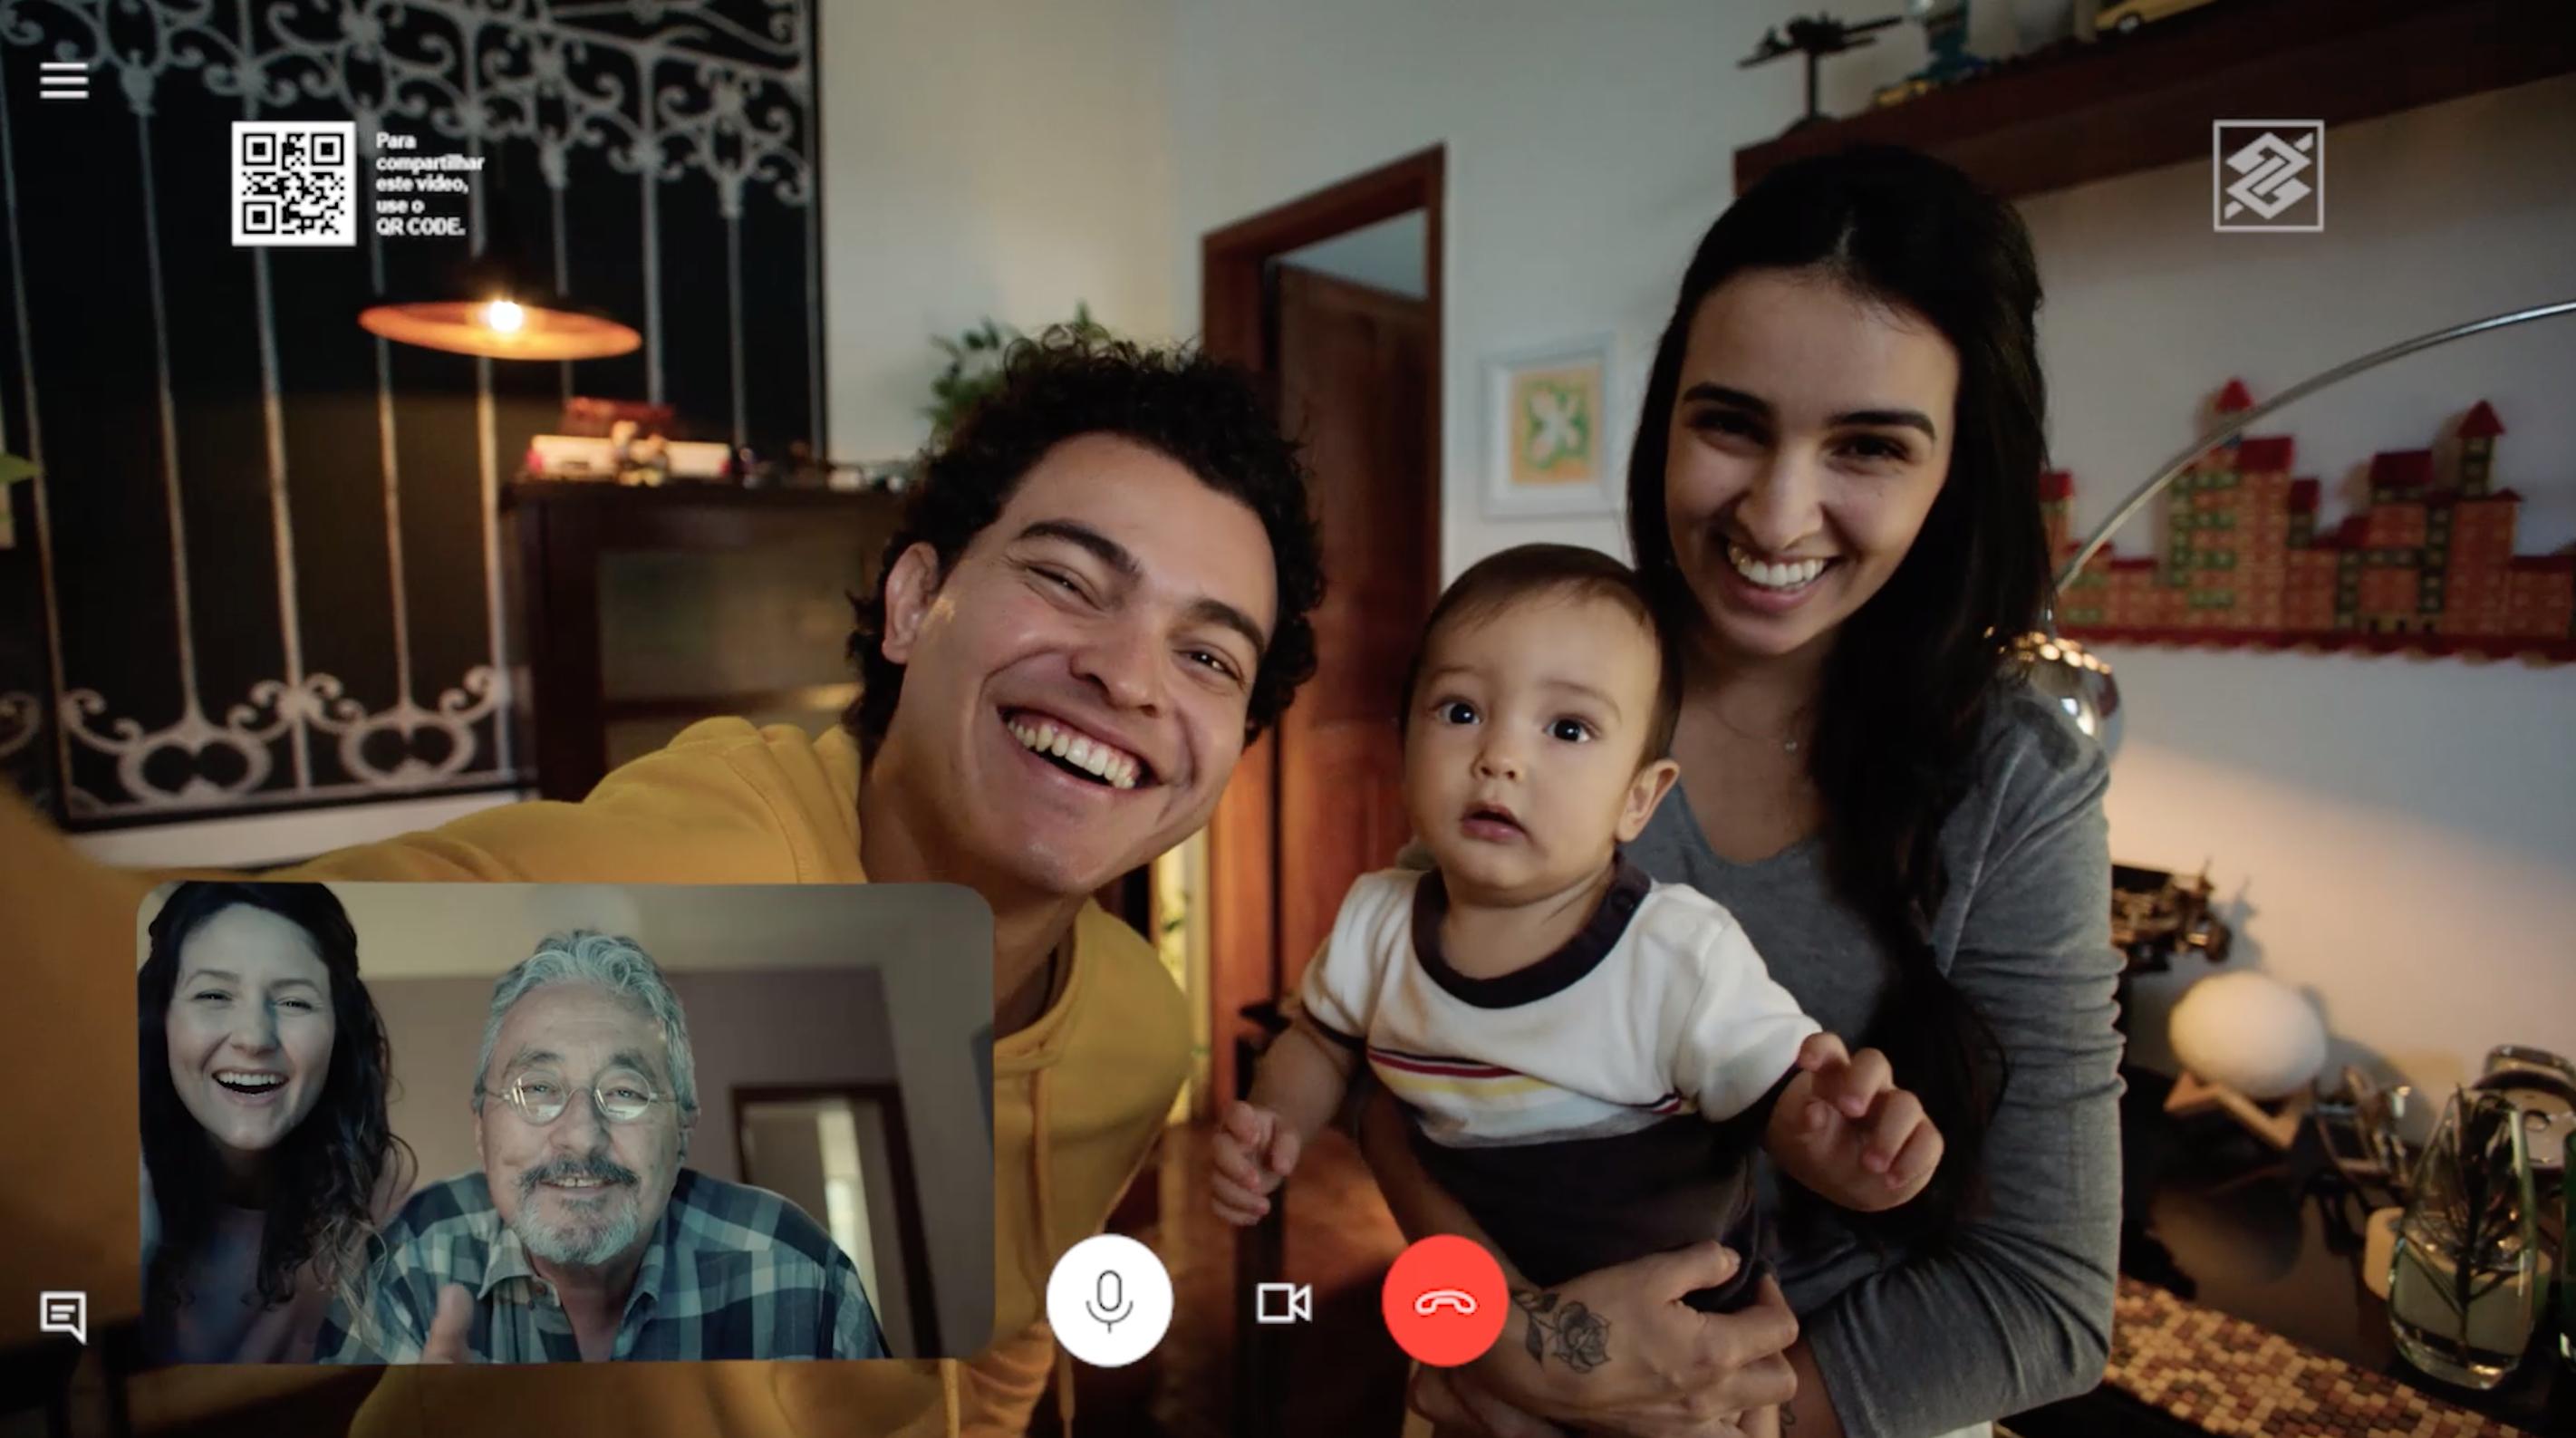 Banco do Brasil retrata novos hábitos das relações familiares em campanha de dia dos pais